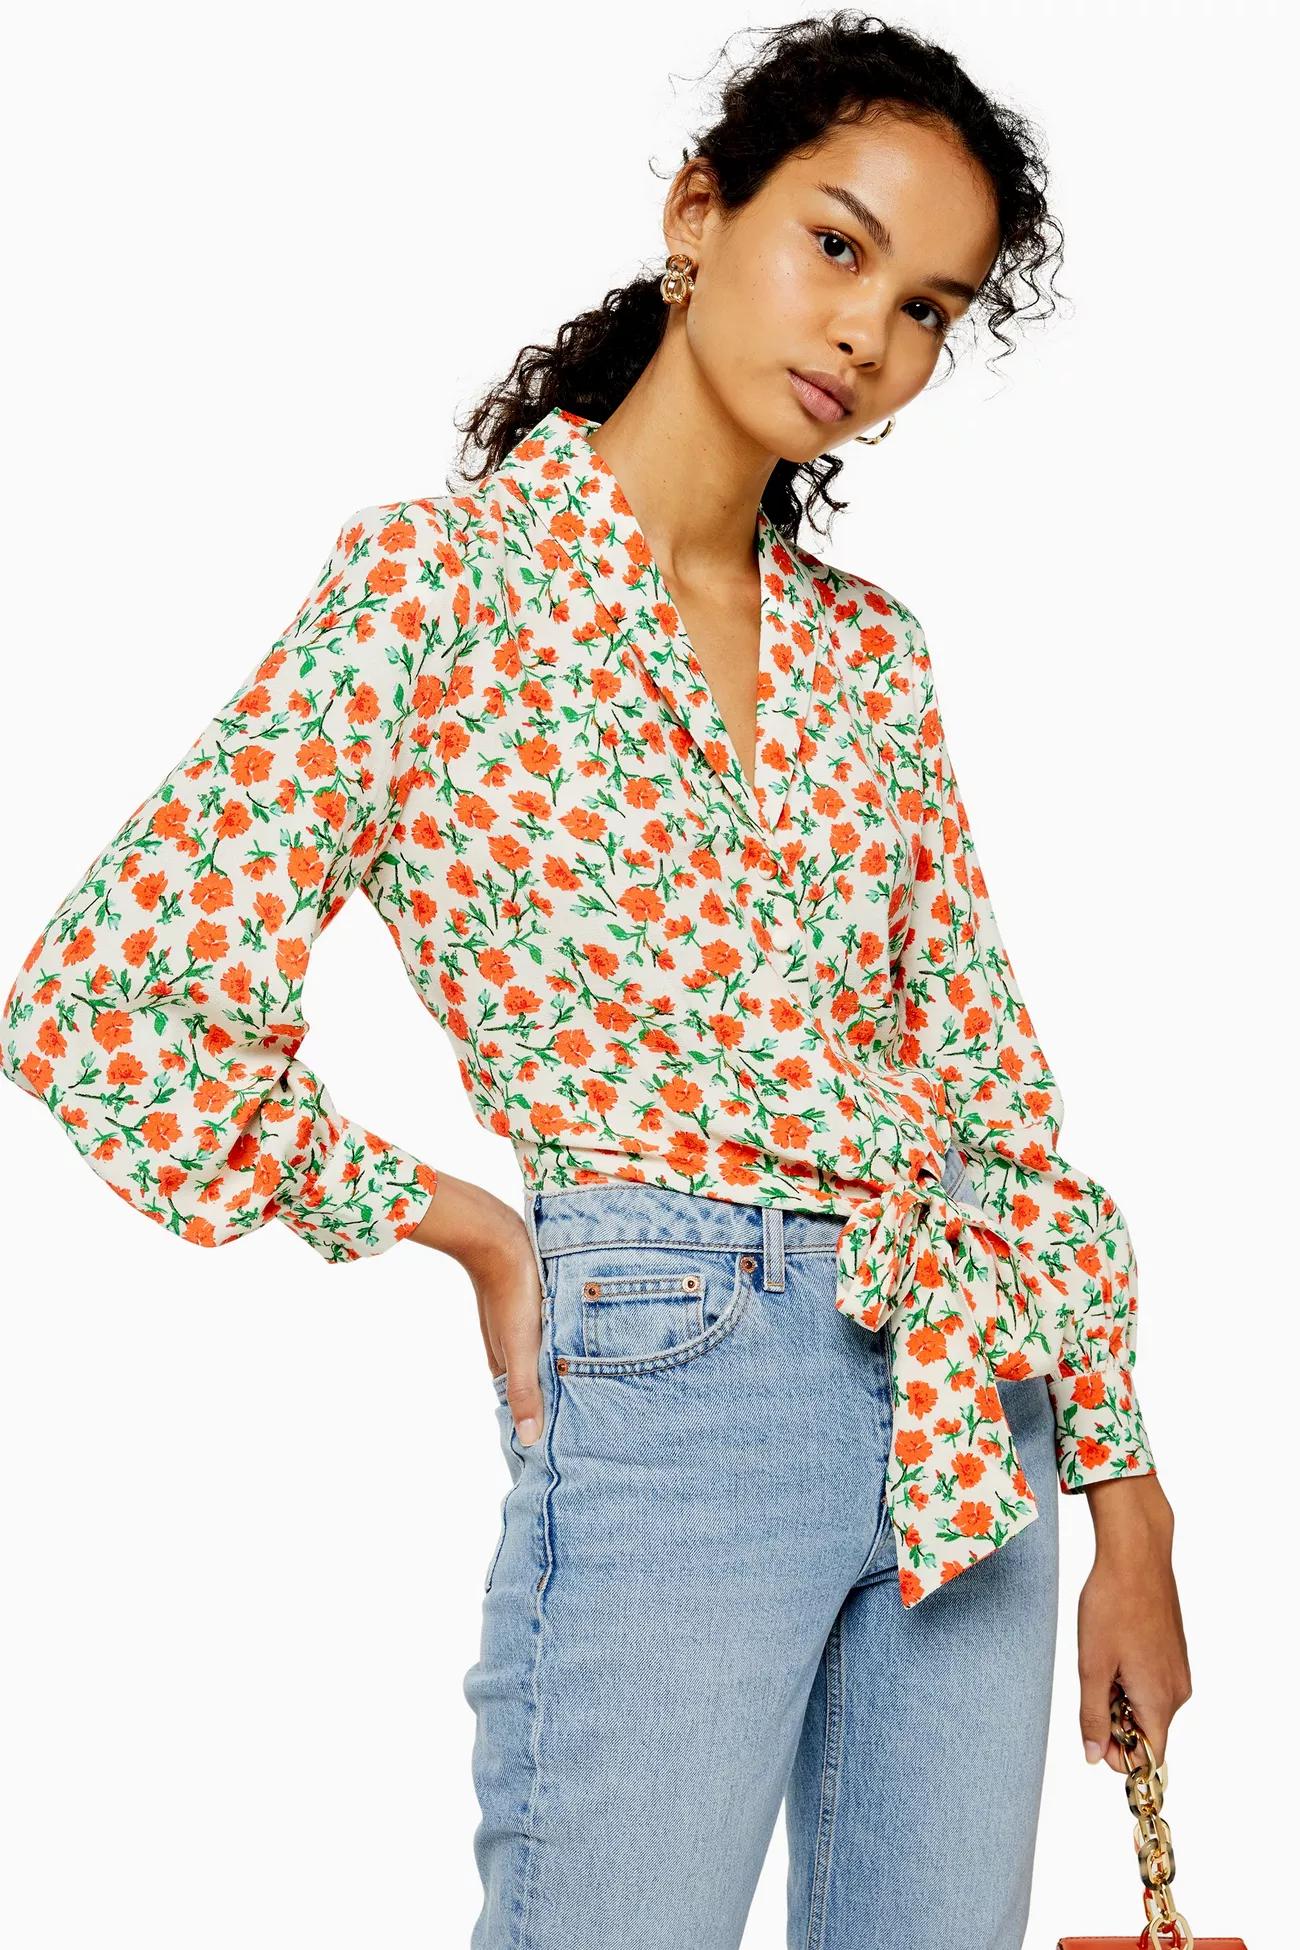 Floral Knot Tie Shirt, $55, Topshop